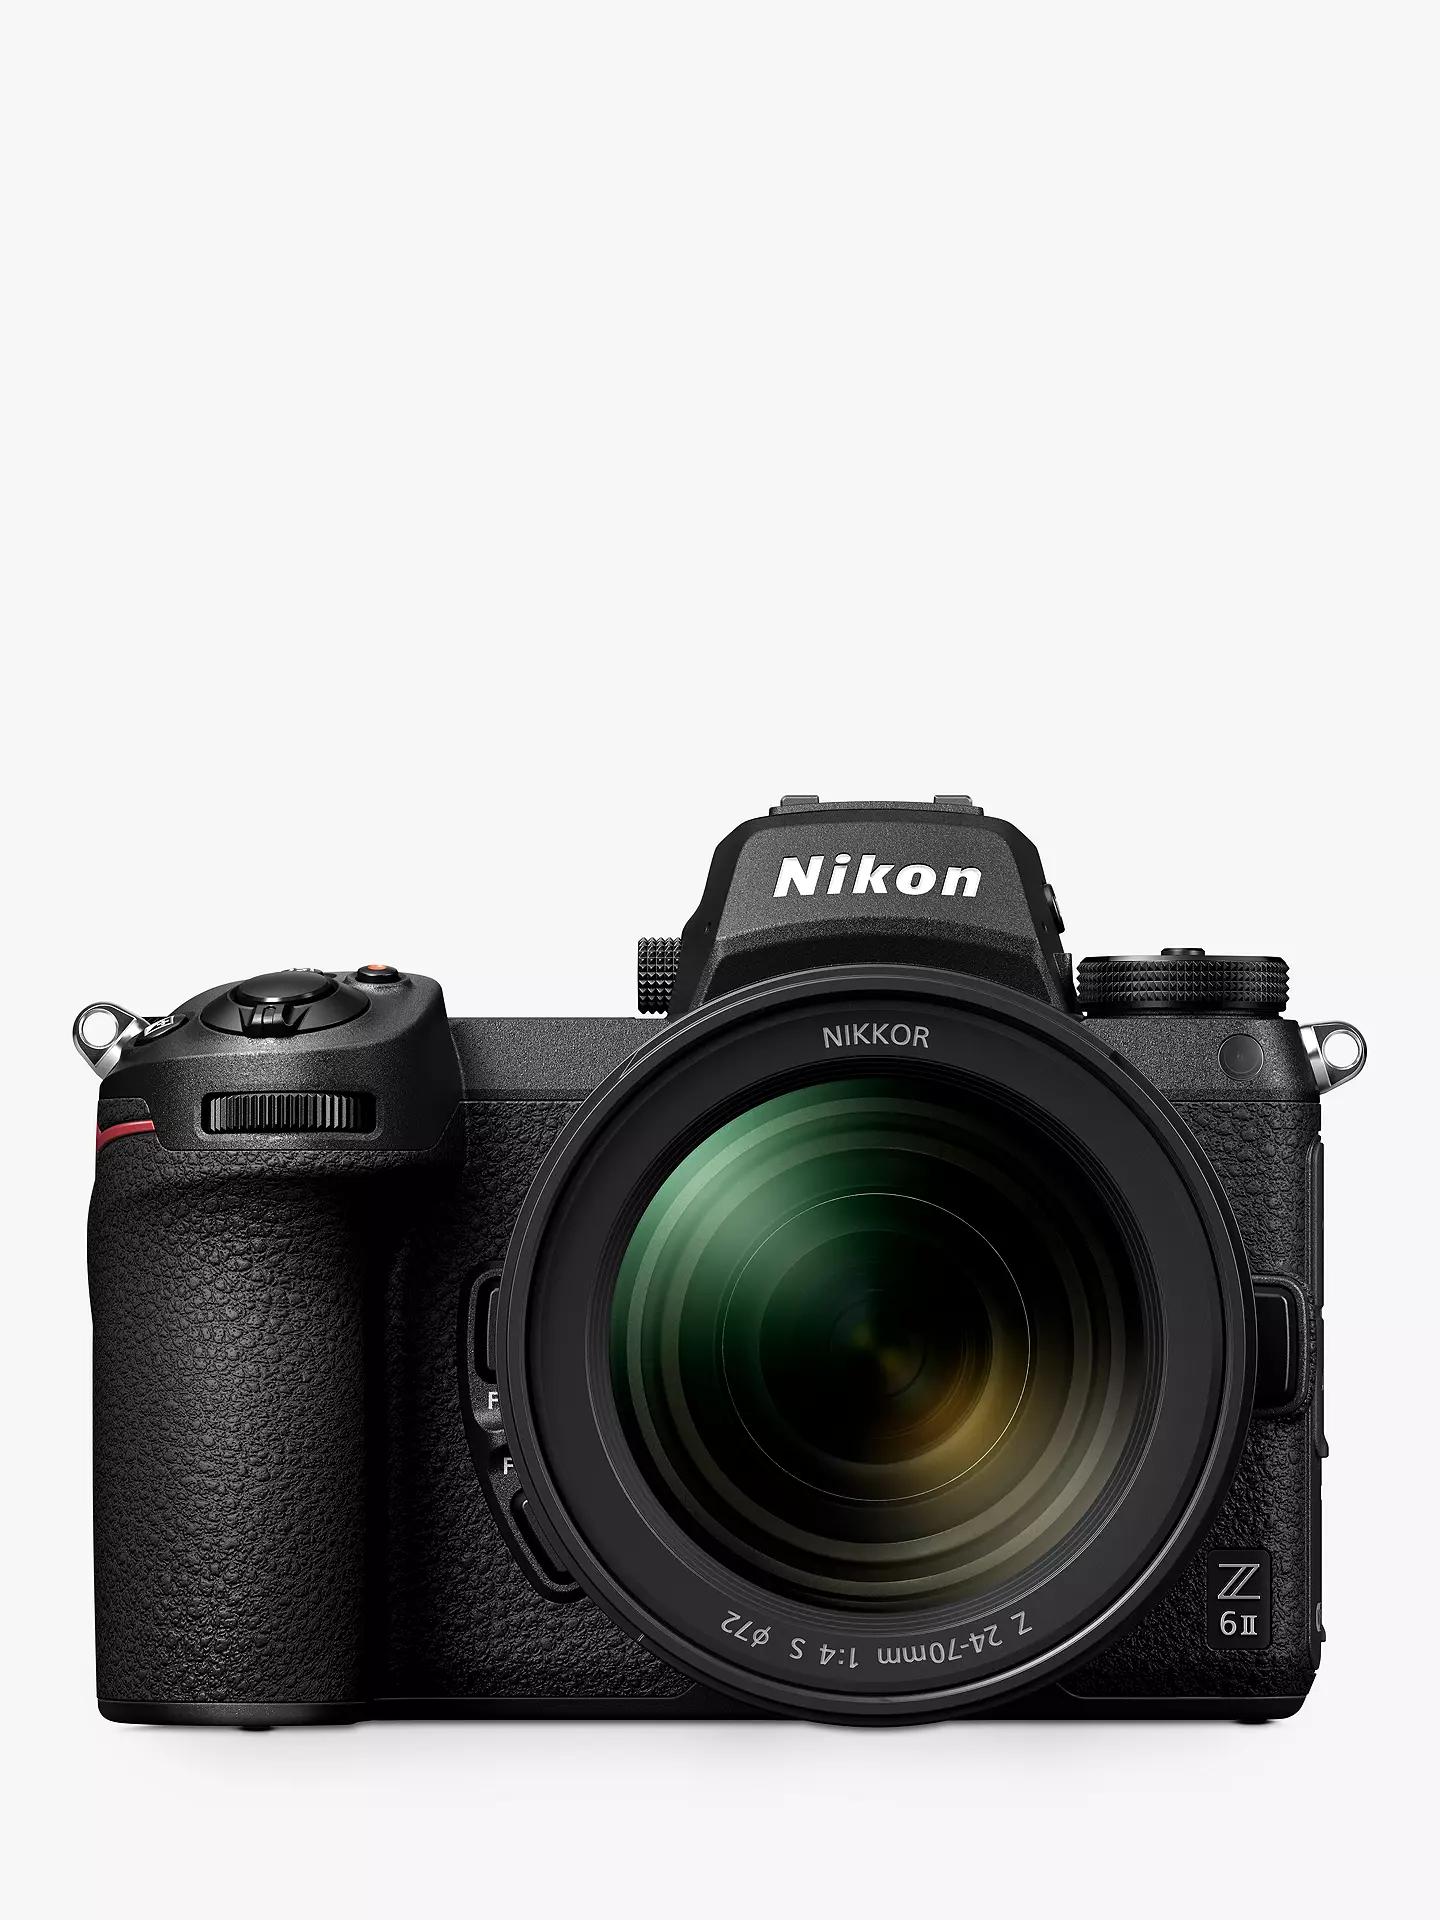 Nikon Z6 II Digital Camera with 24-70mm f4 Lens - £2139 delivered @ John Lewis & Partners